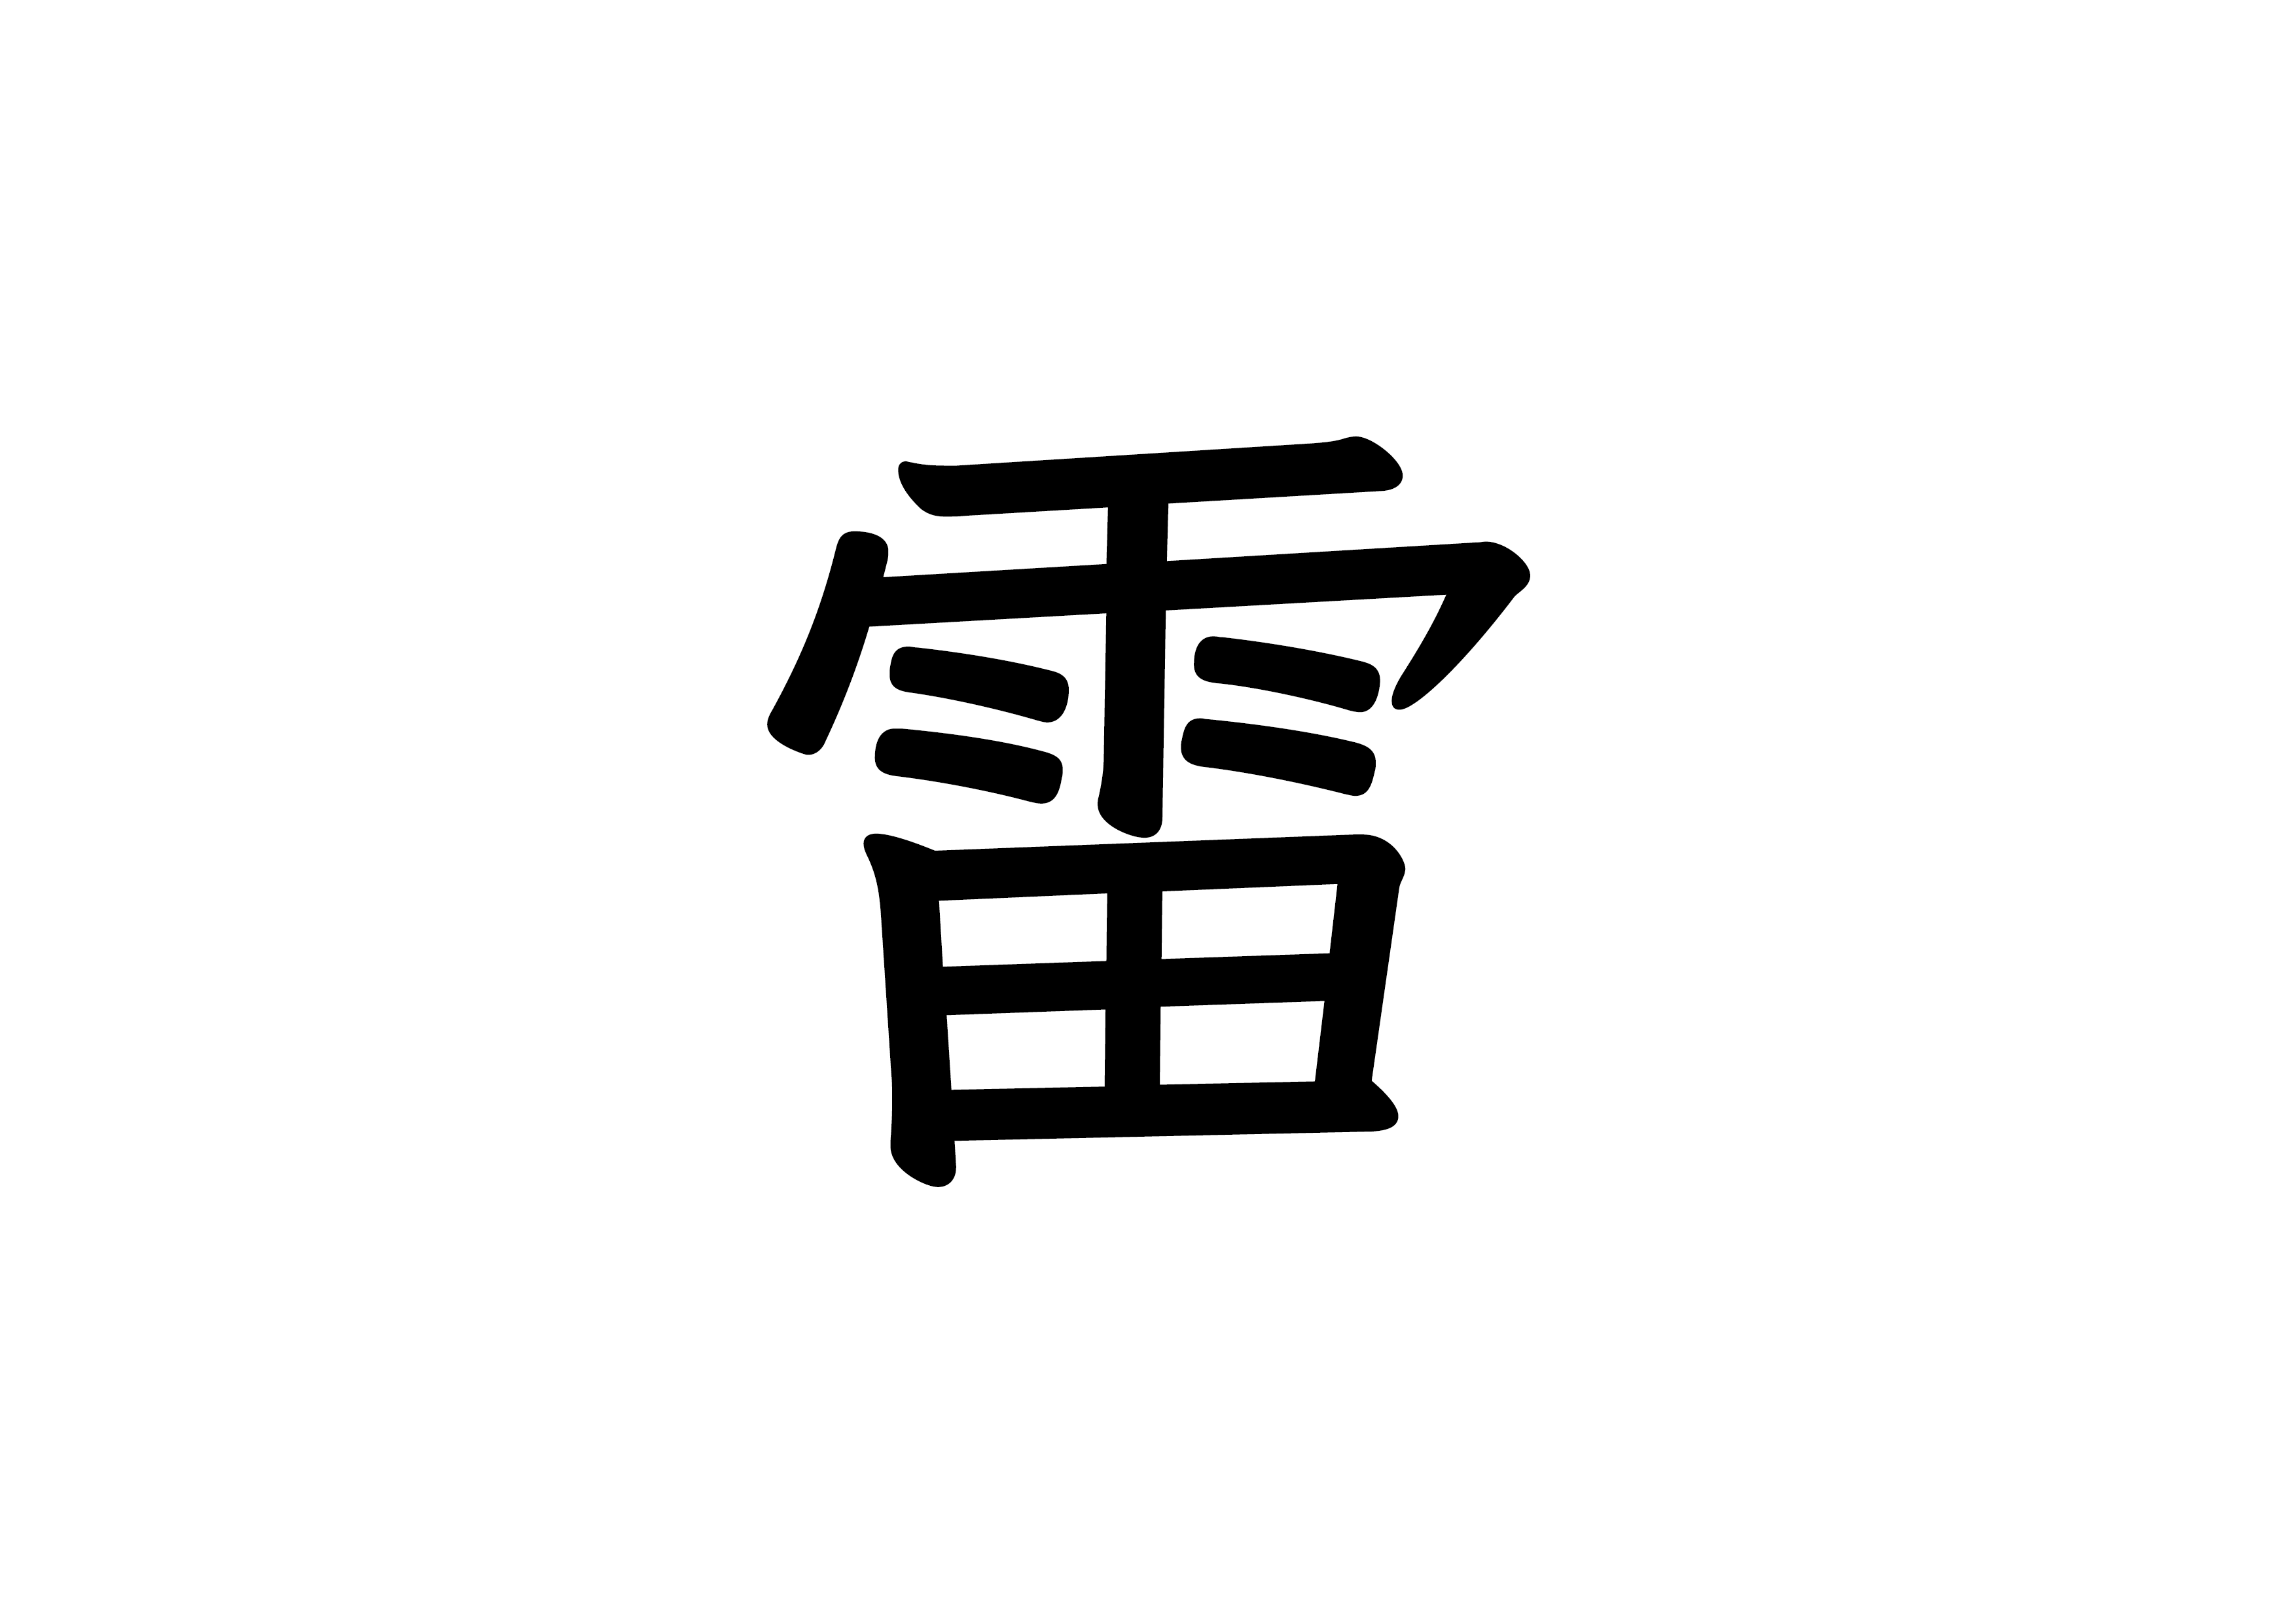 39課フラッシュカード 【雷】